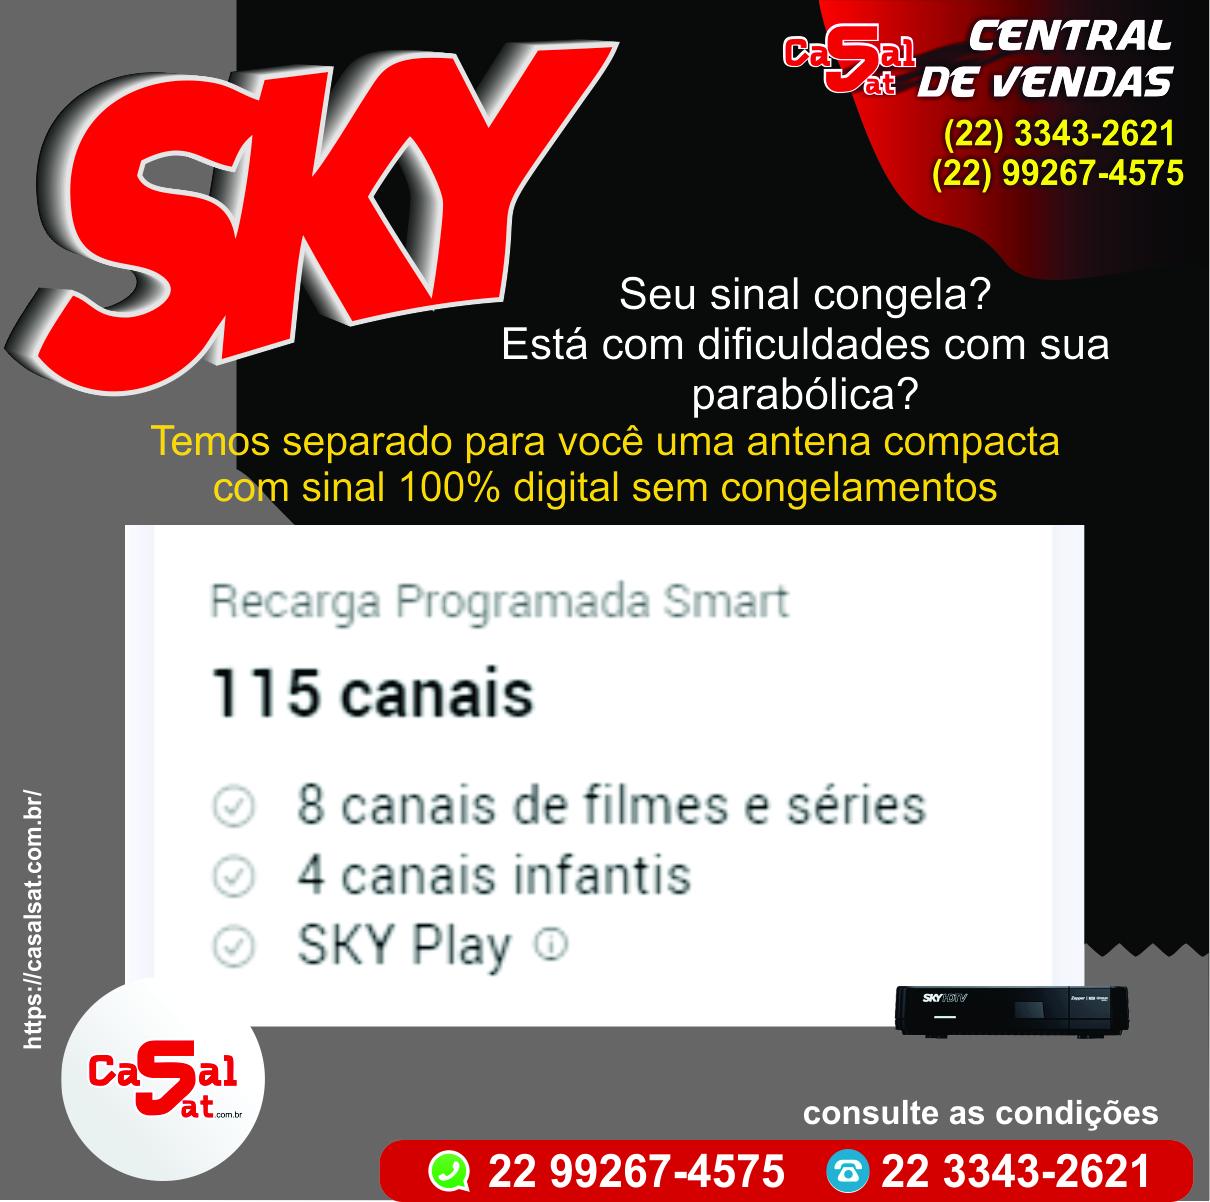 <h2>Smart + Premiere</h2>  <p><strong>115</strong>canais</p>  <p><strong>SKY Play</strong></p>  <p><strong>R$ 109,90</strong>/mês</p>  <p><del>R$ 113,90/mês</del></p>